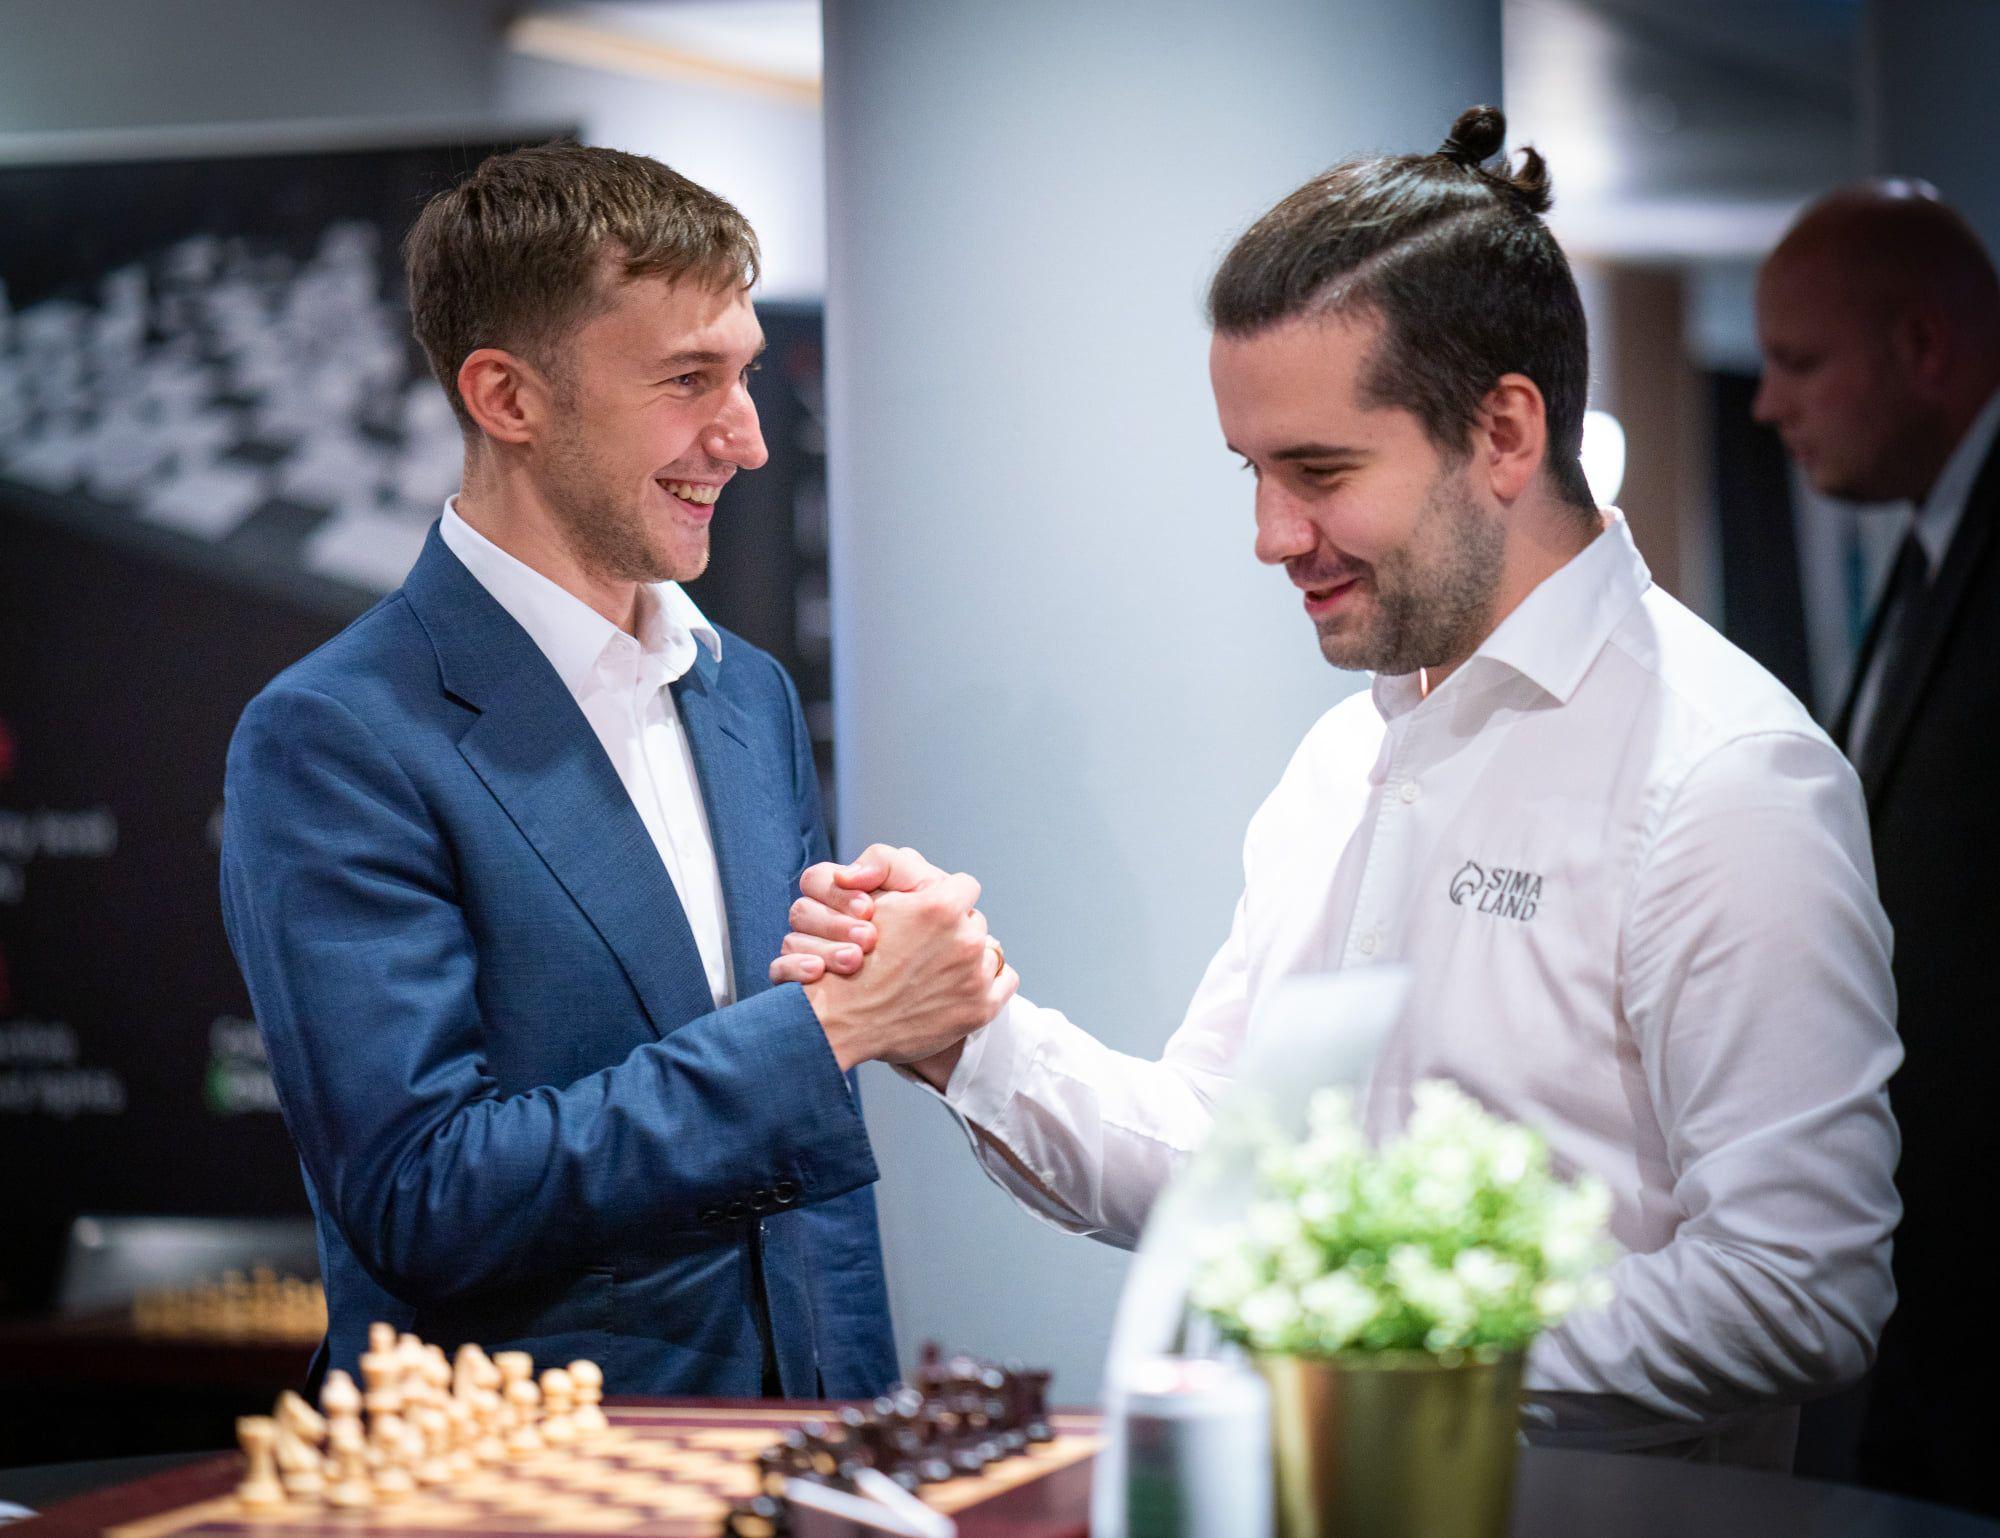 Karjakin Nepomniachtchi Noruega Xadrez 2021